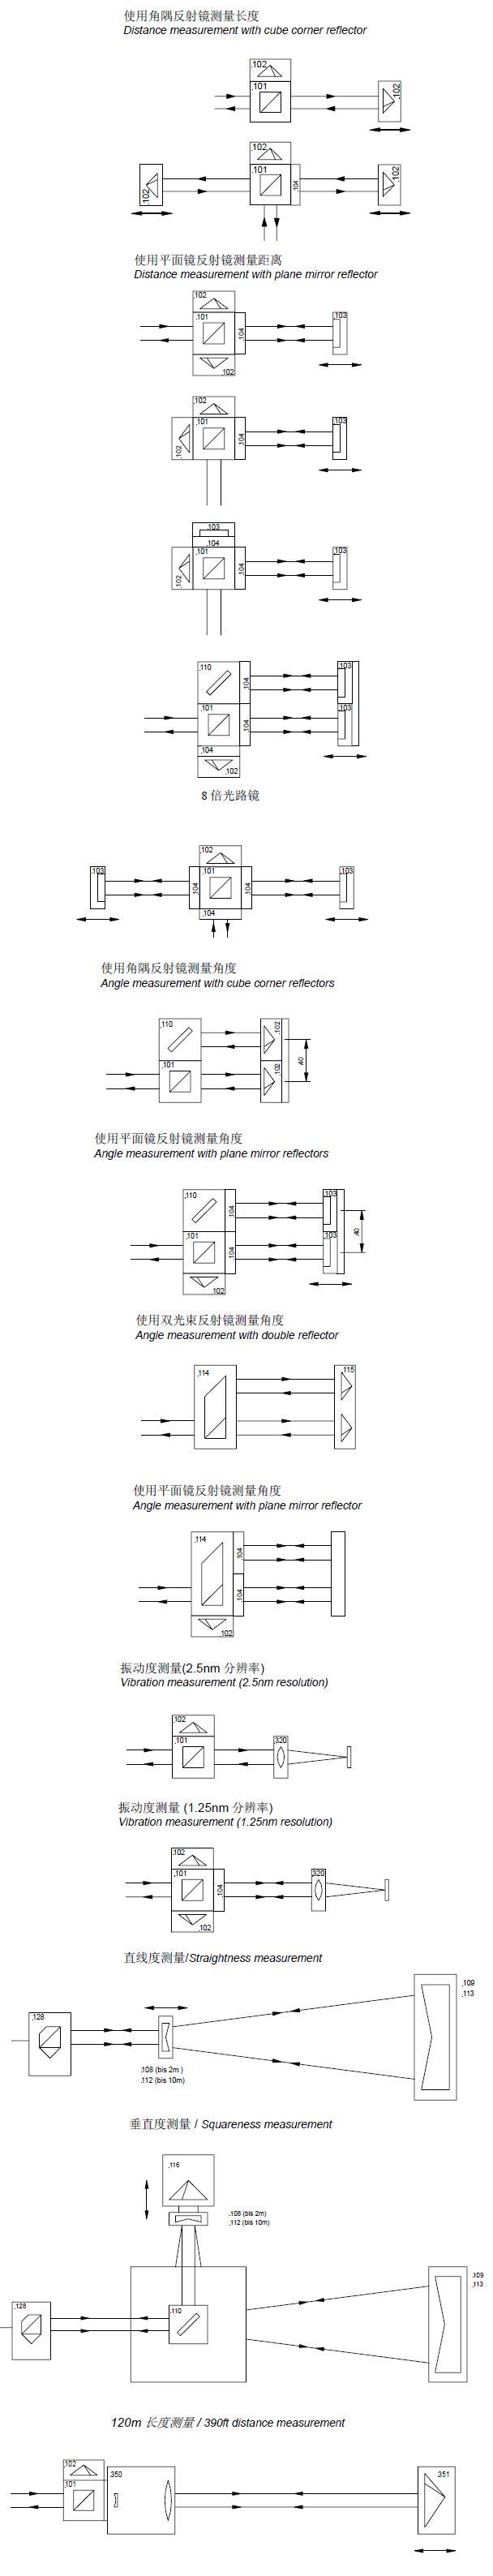 双频激光干涉仪